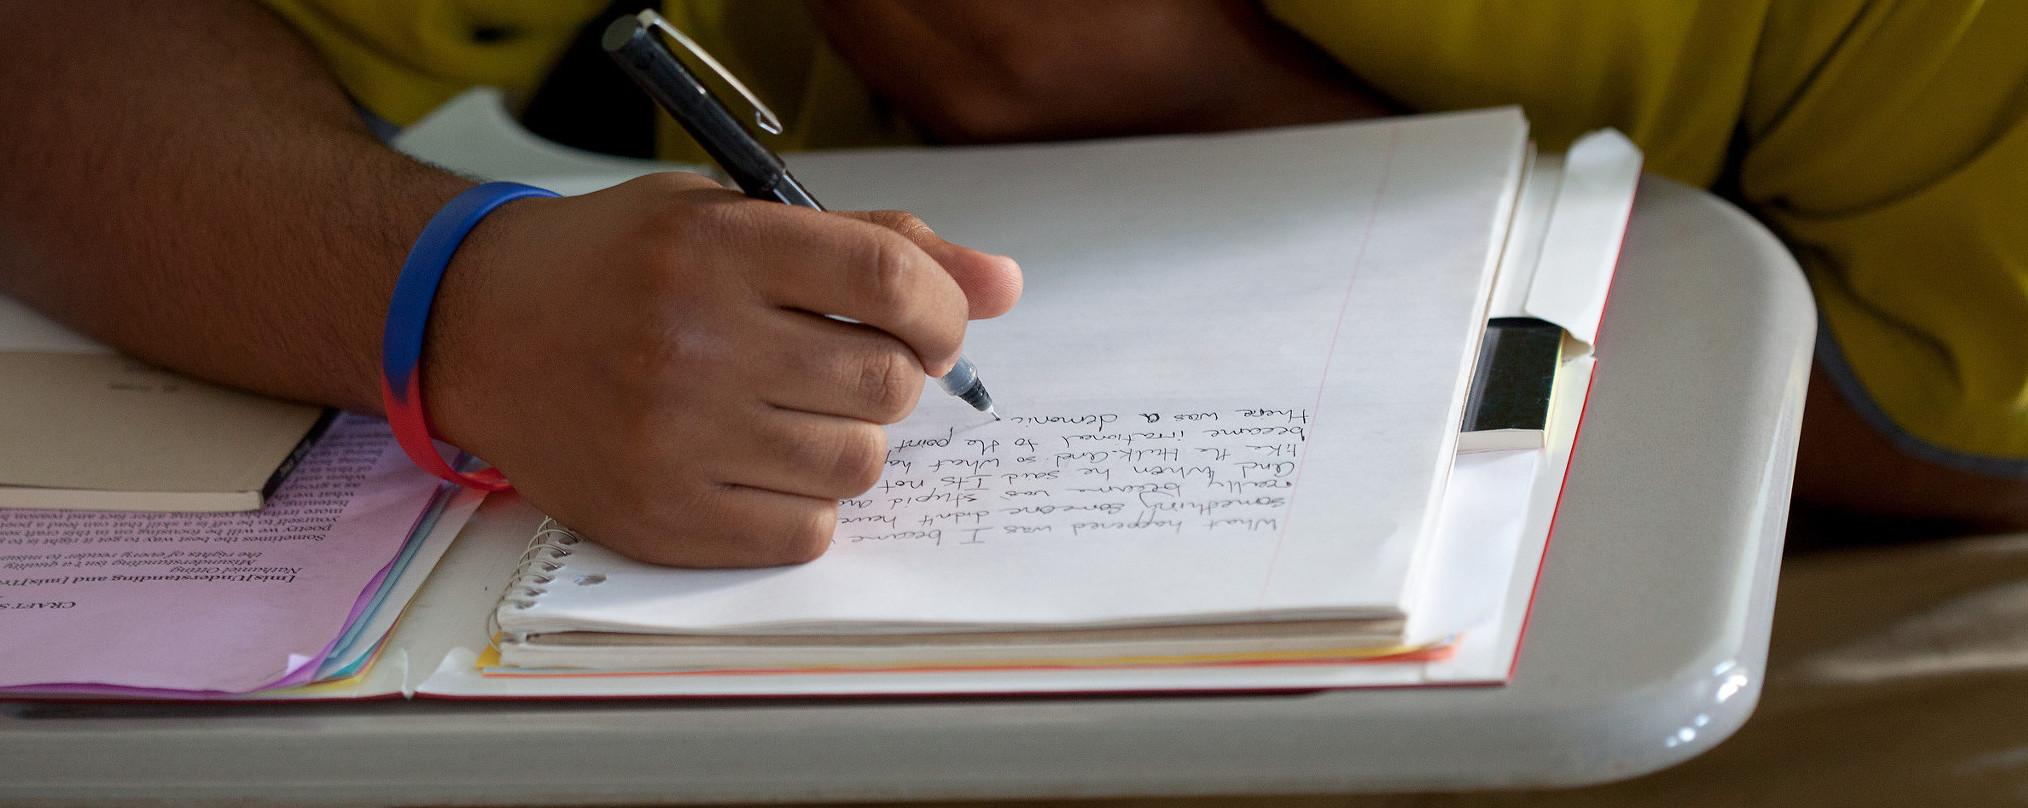 A juniper participant writers in a notebook